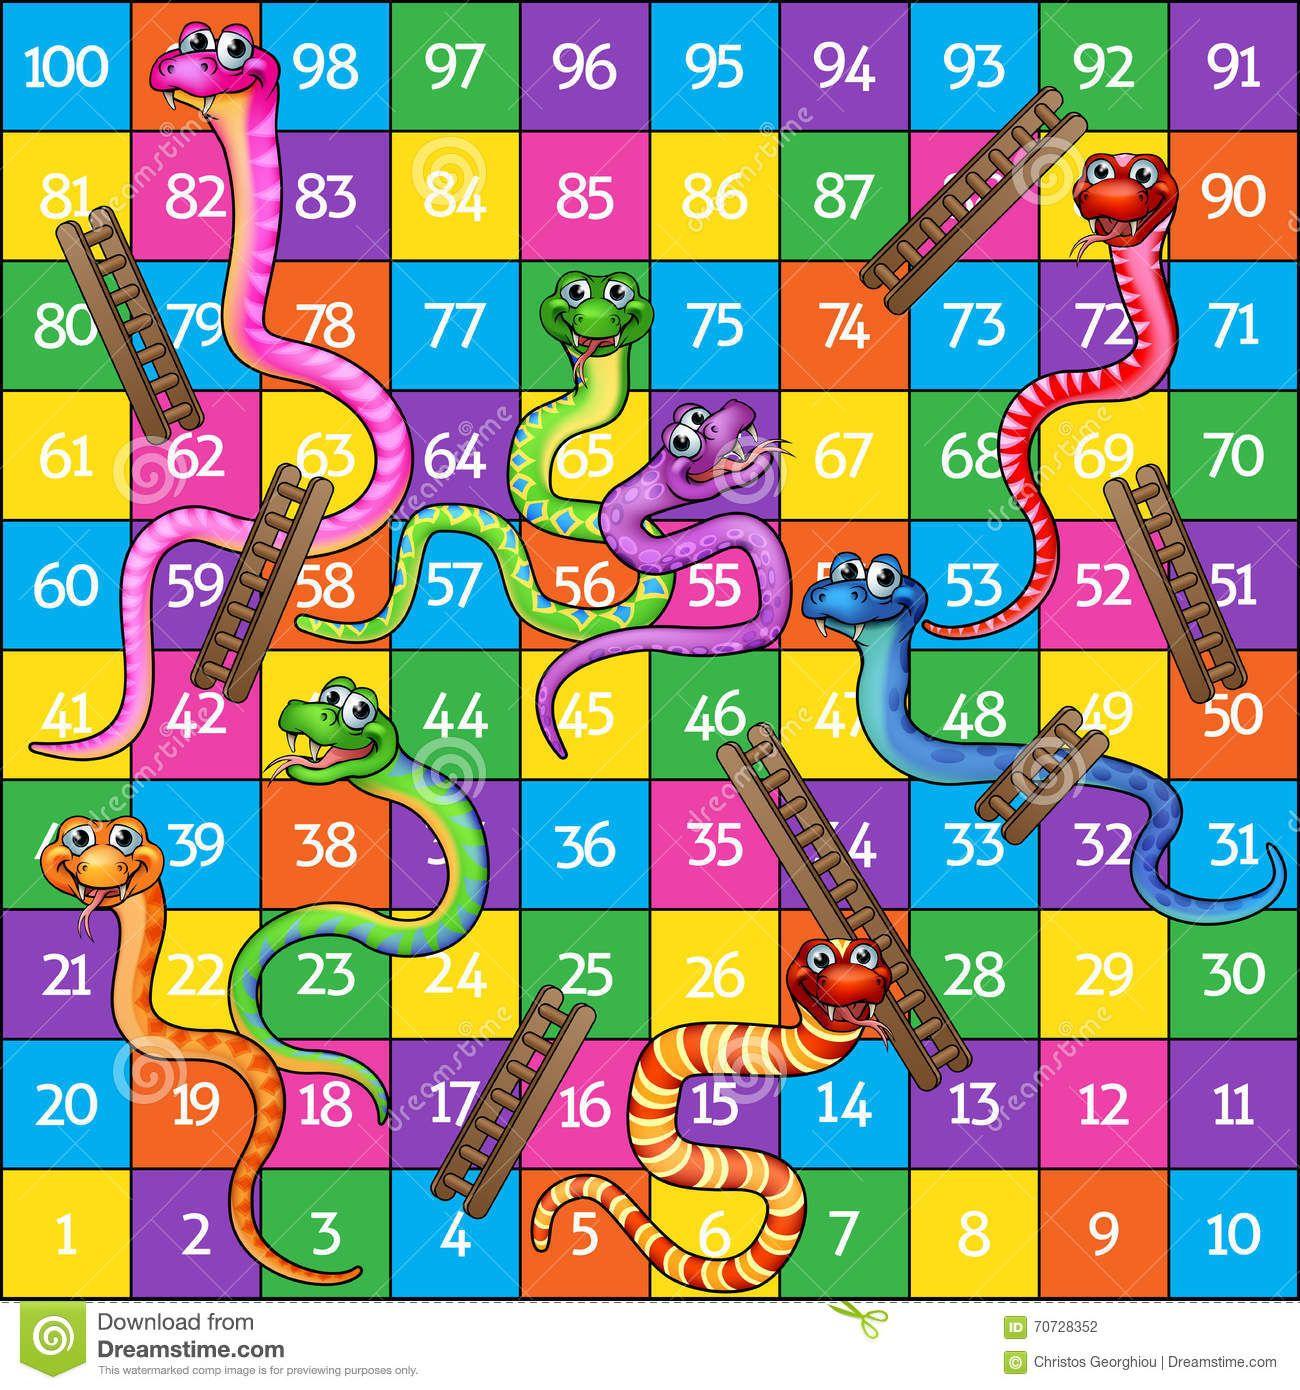 Escalera y serpiente tablero buscar con google for Escaleras y serpientes imprimir